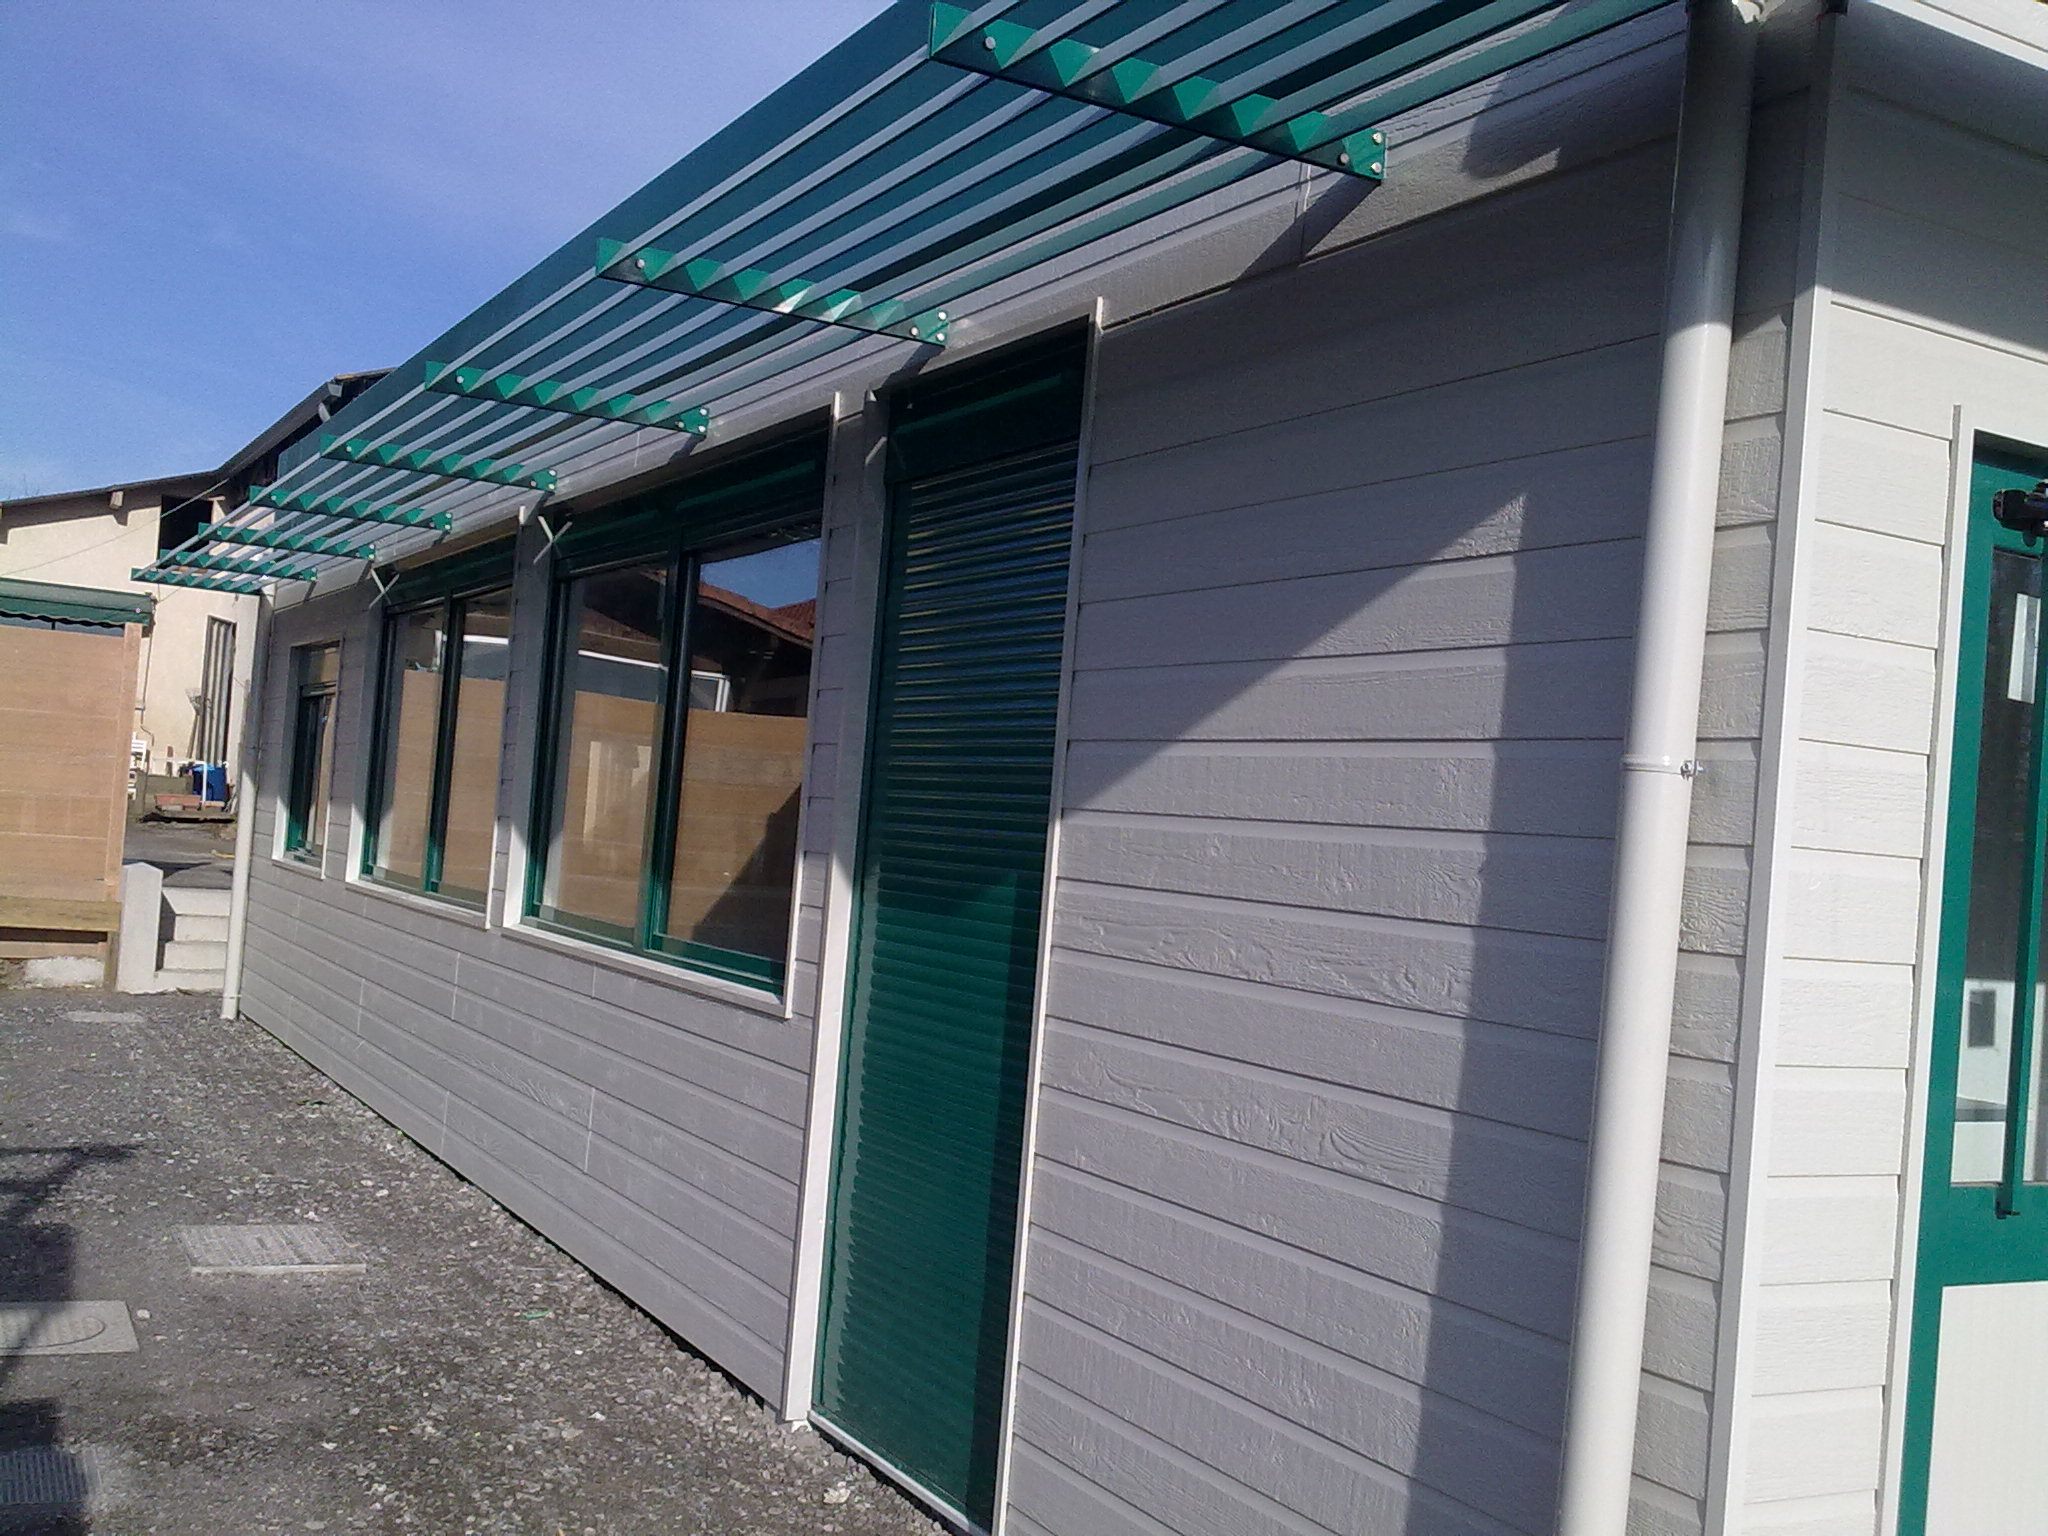 Oficinas prefabricadas oficinas modulares construcci n modular arquitectura modular - Balat modulos prefabricados ...